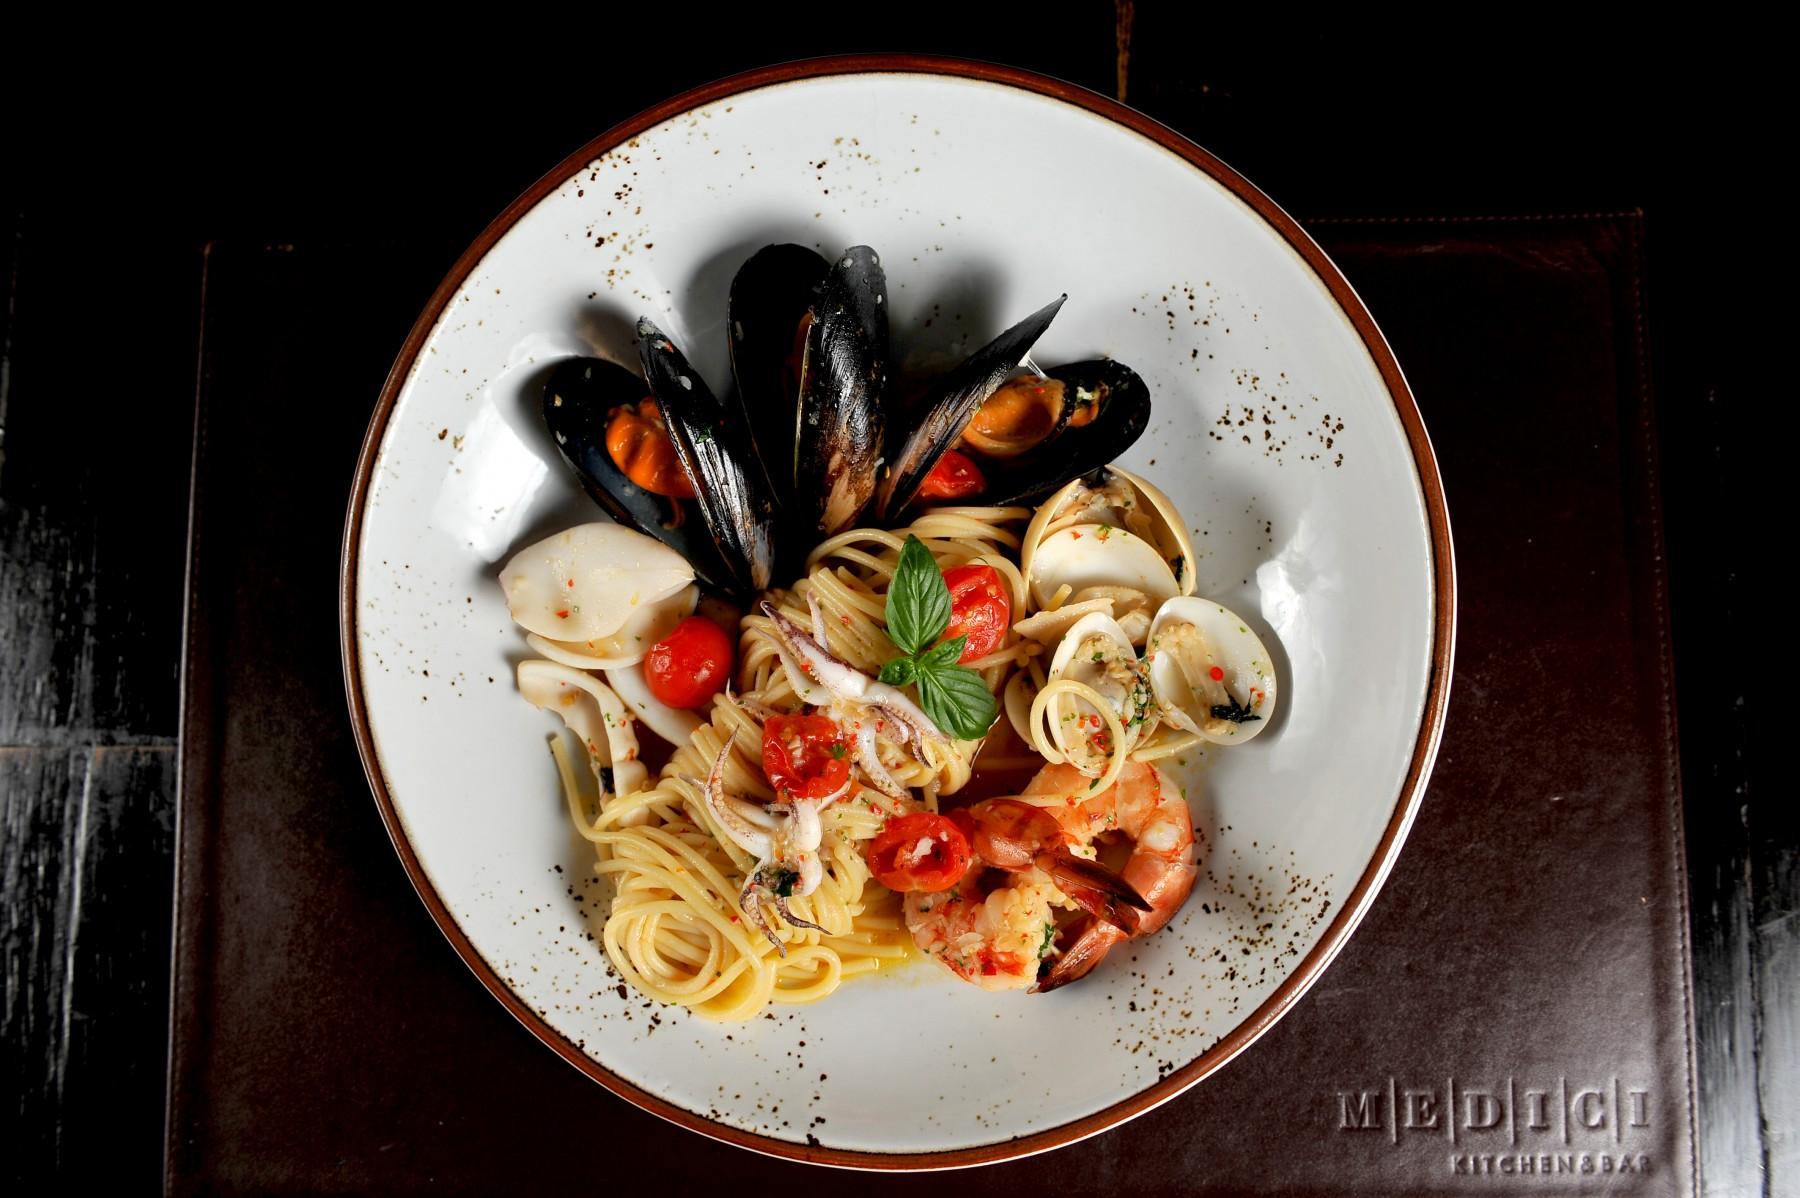 ร้านอาหารวิวและบรรยากาศดี Medici Kitchen & Bar